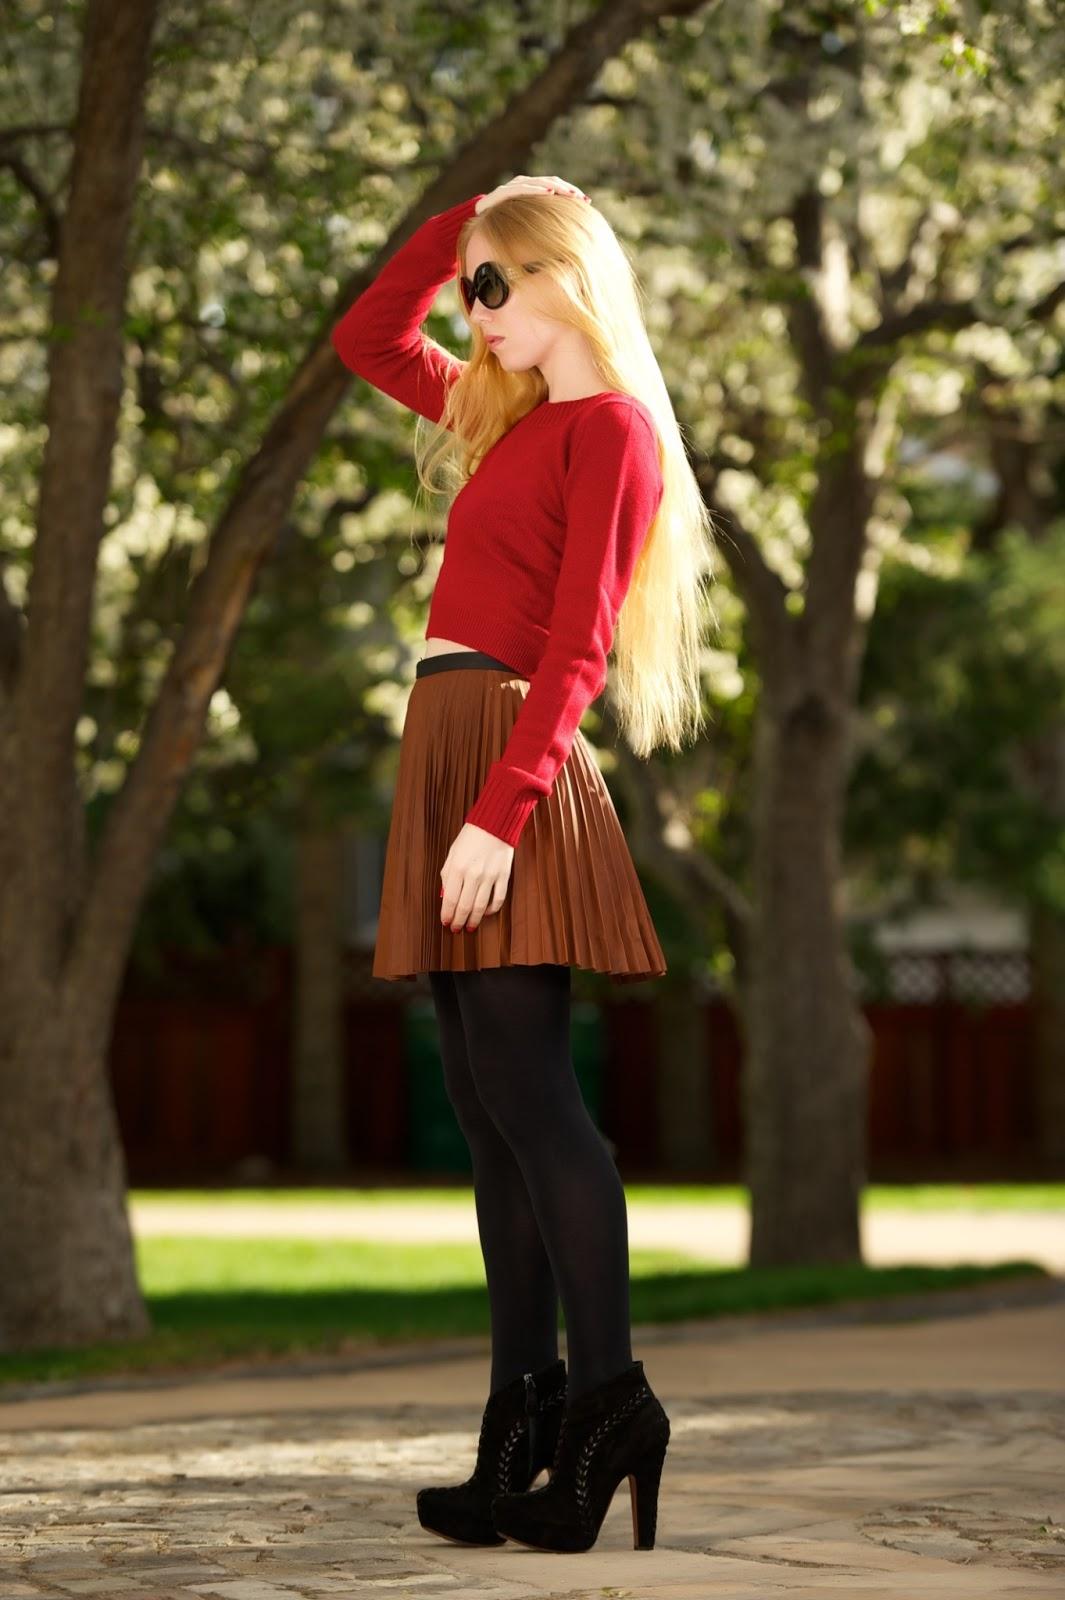 Skirt Long Boots Riding